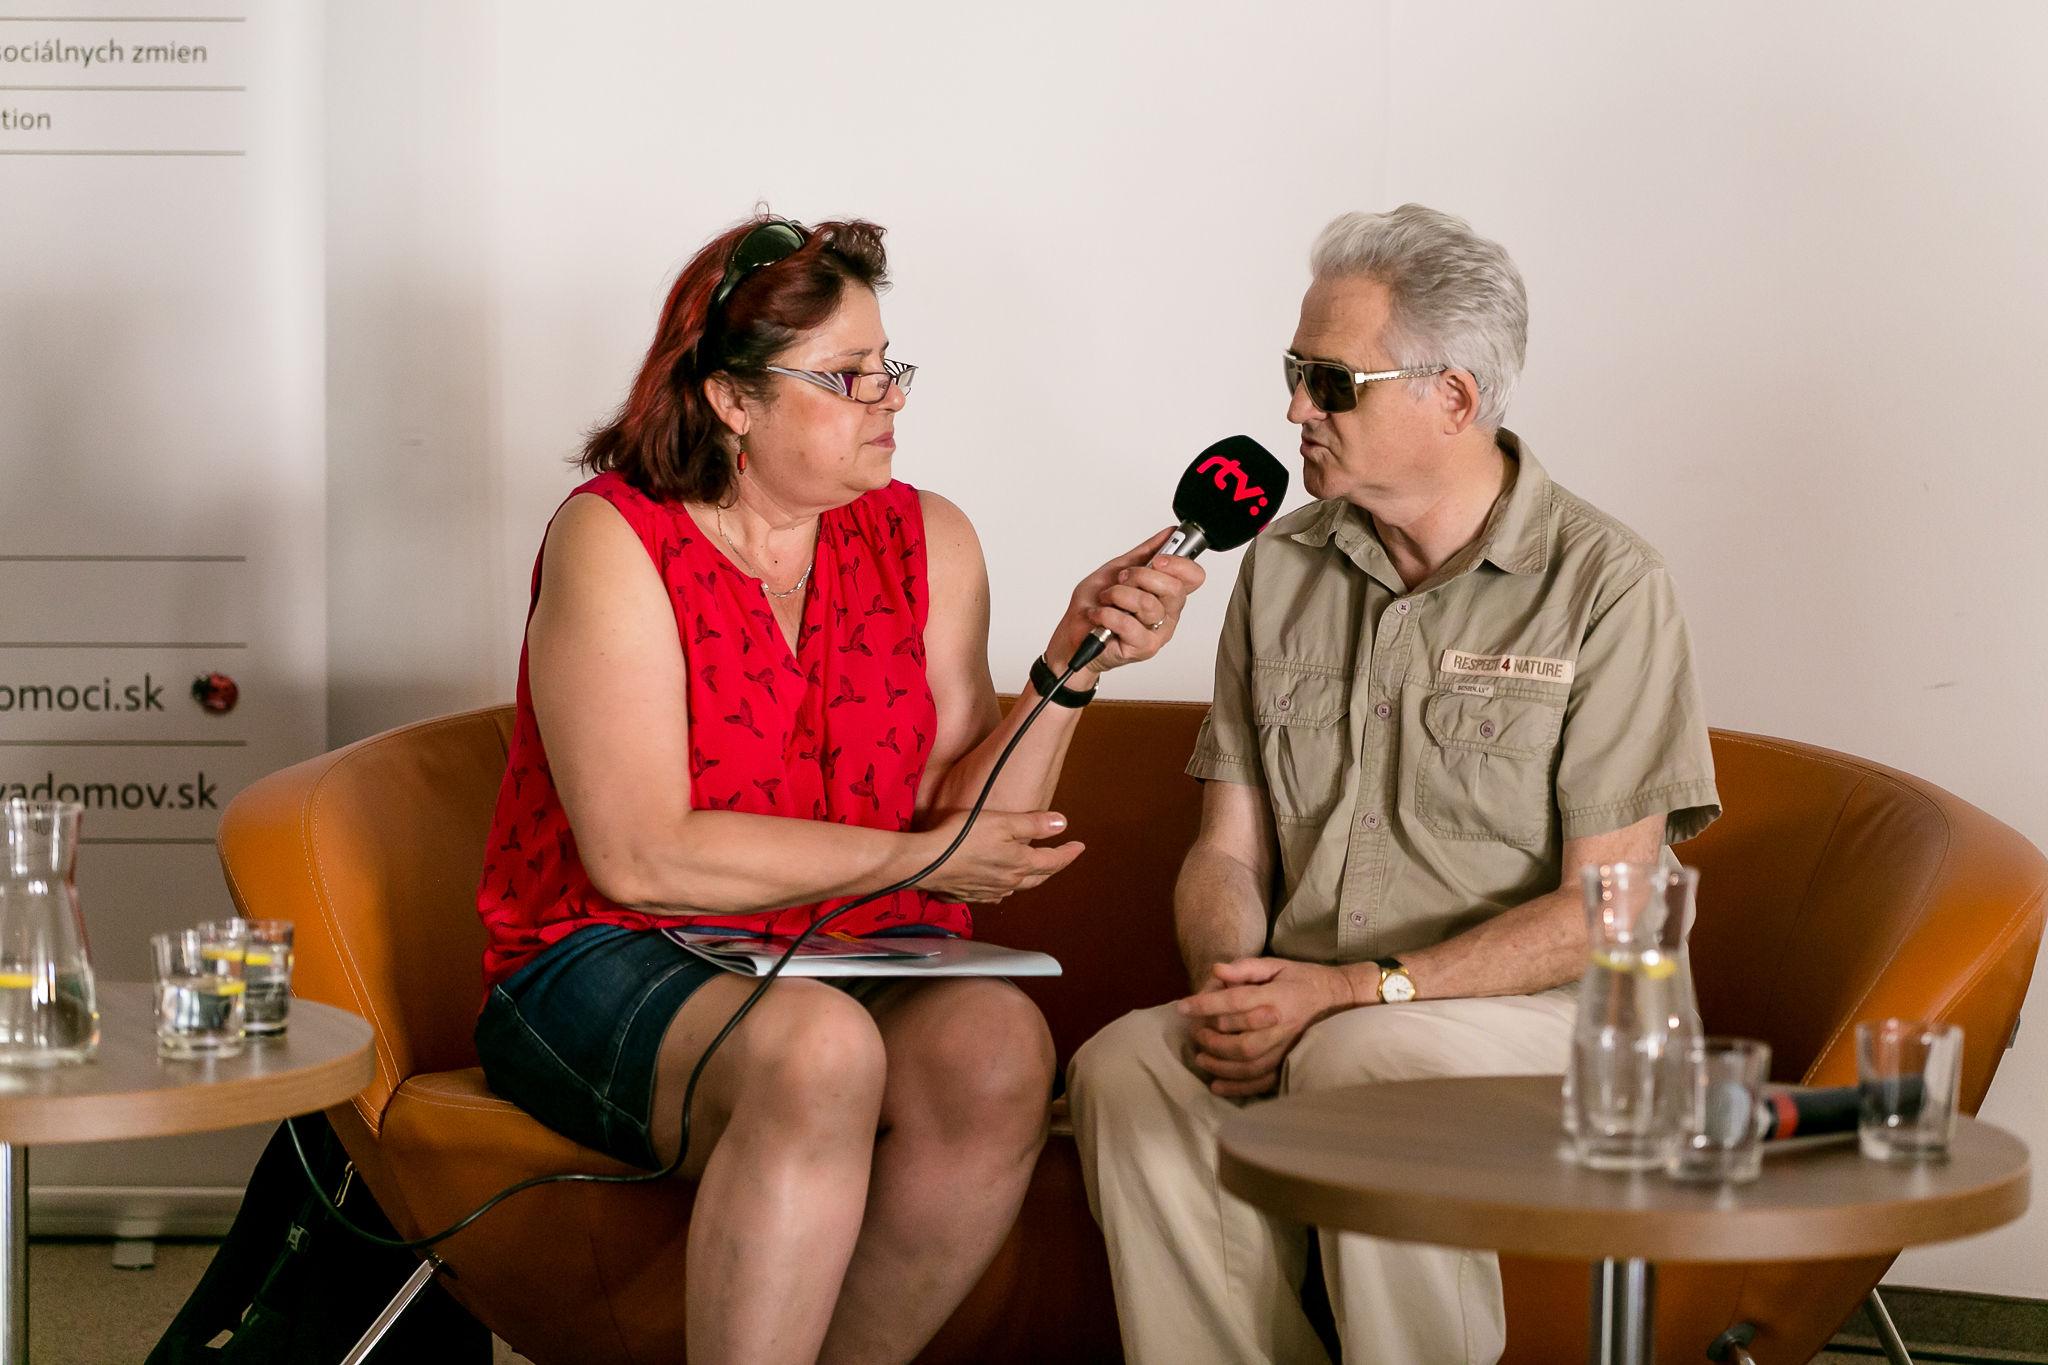 rozhovor pre RTVS predstaviteľa Národnej rady občanov so ZP